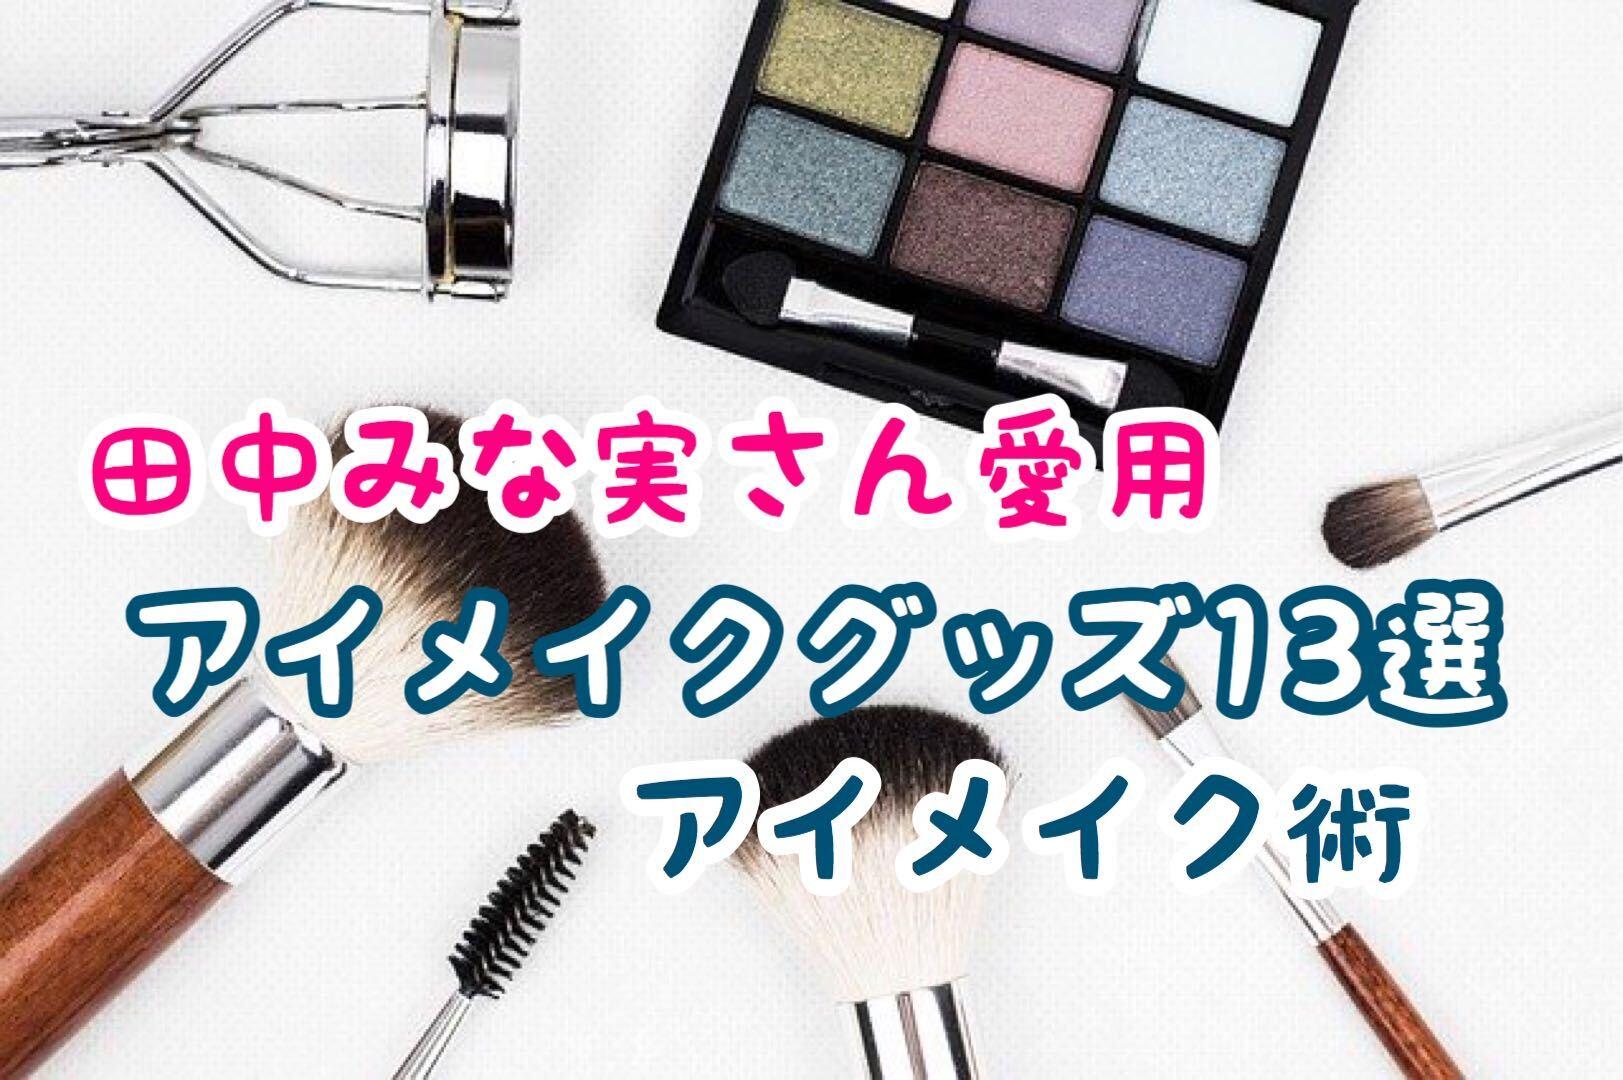 田中みな実さん愛用アイメイクグッズ13選【パーツ別アイメイク方法】